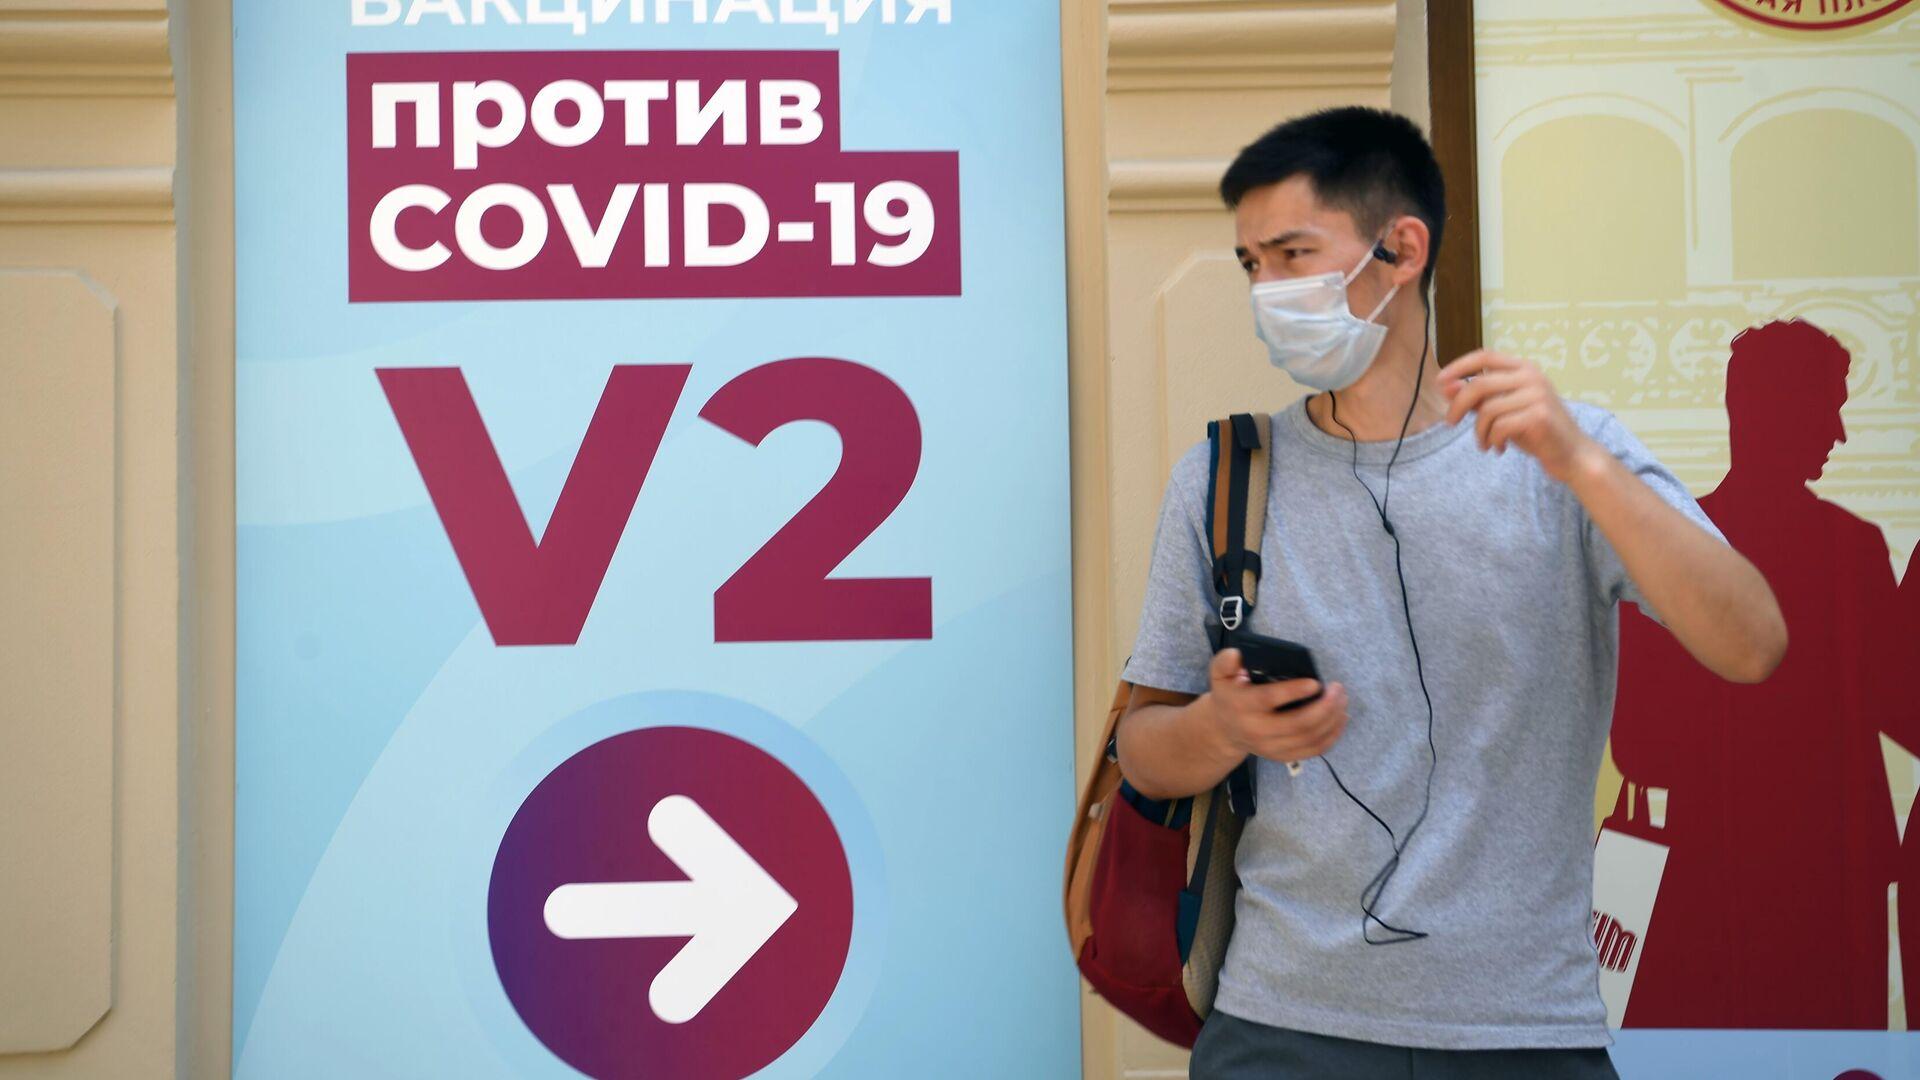 Vaktsinatsiya ot COVID-19 v Moskve - Sputnik Oʻzbekiston, 1920, 08.07.2021